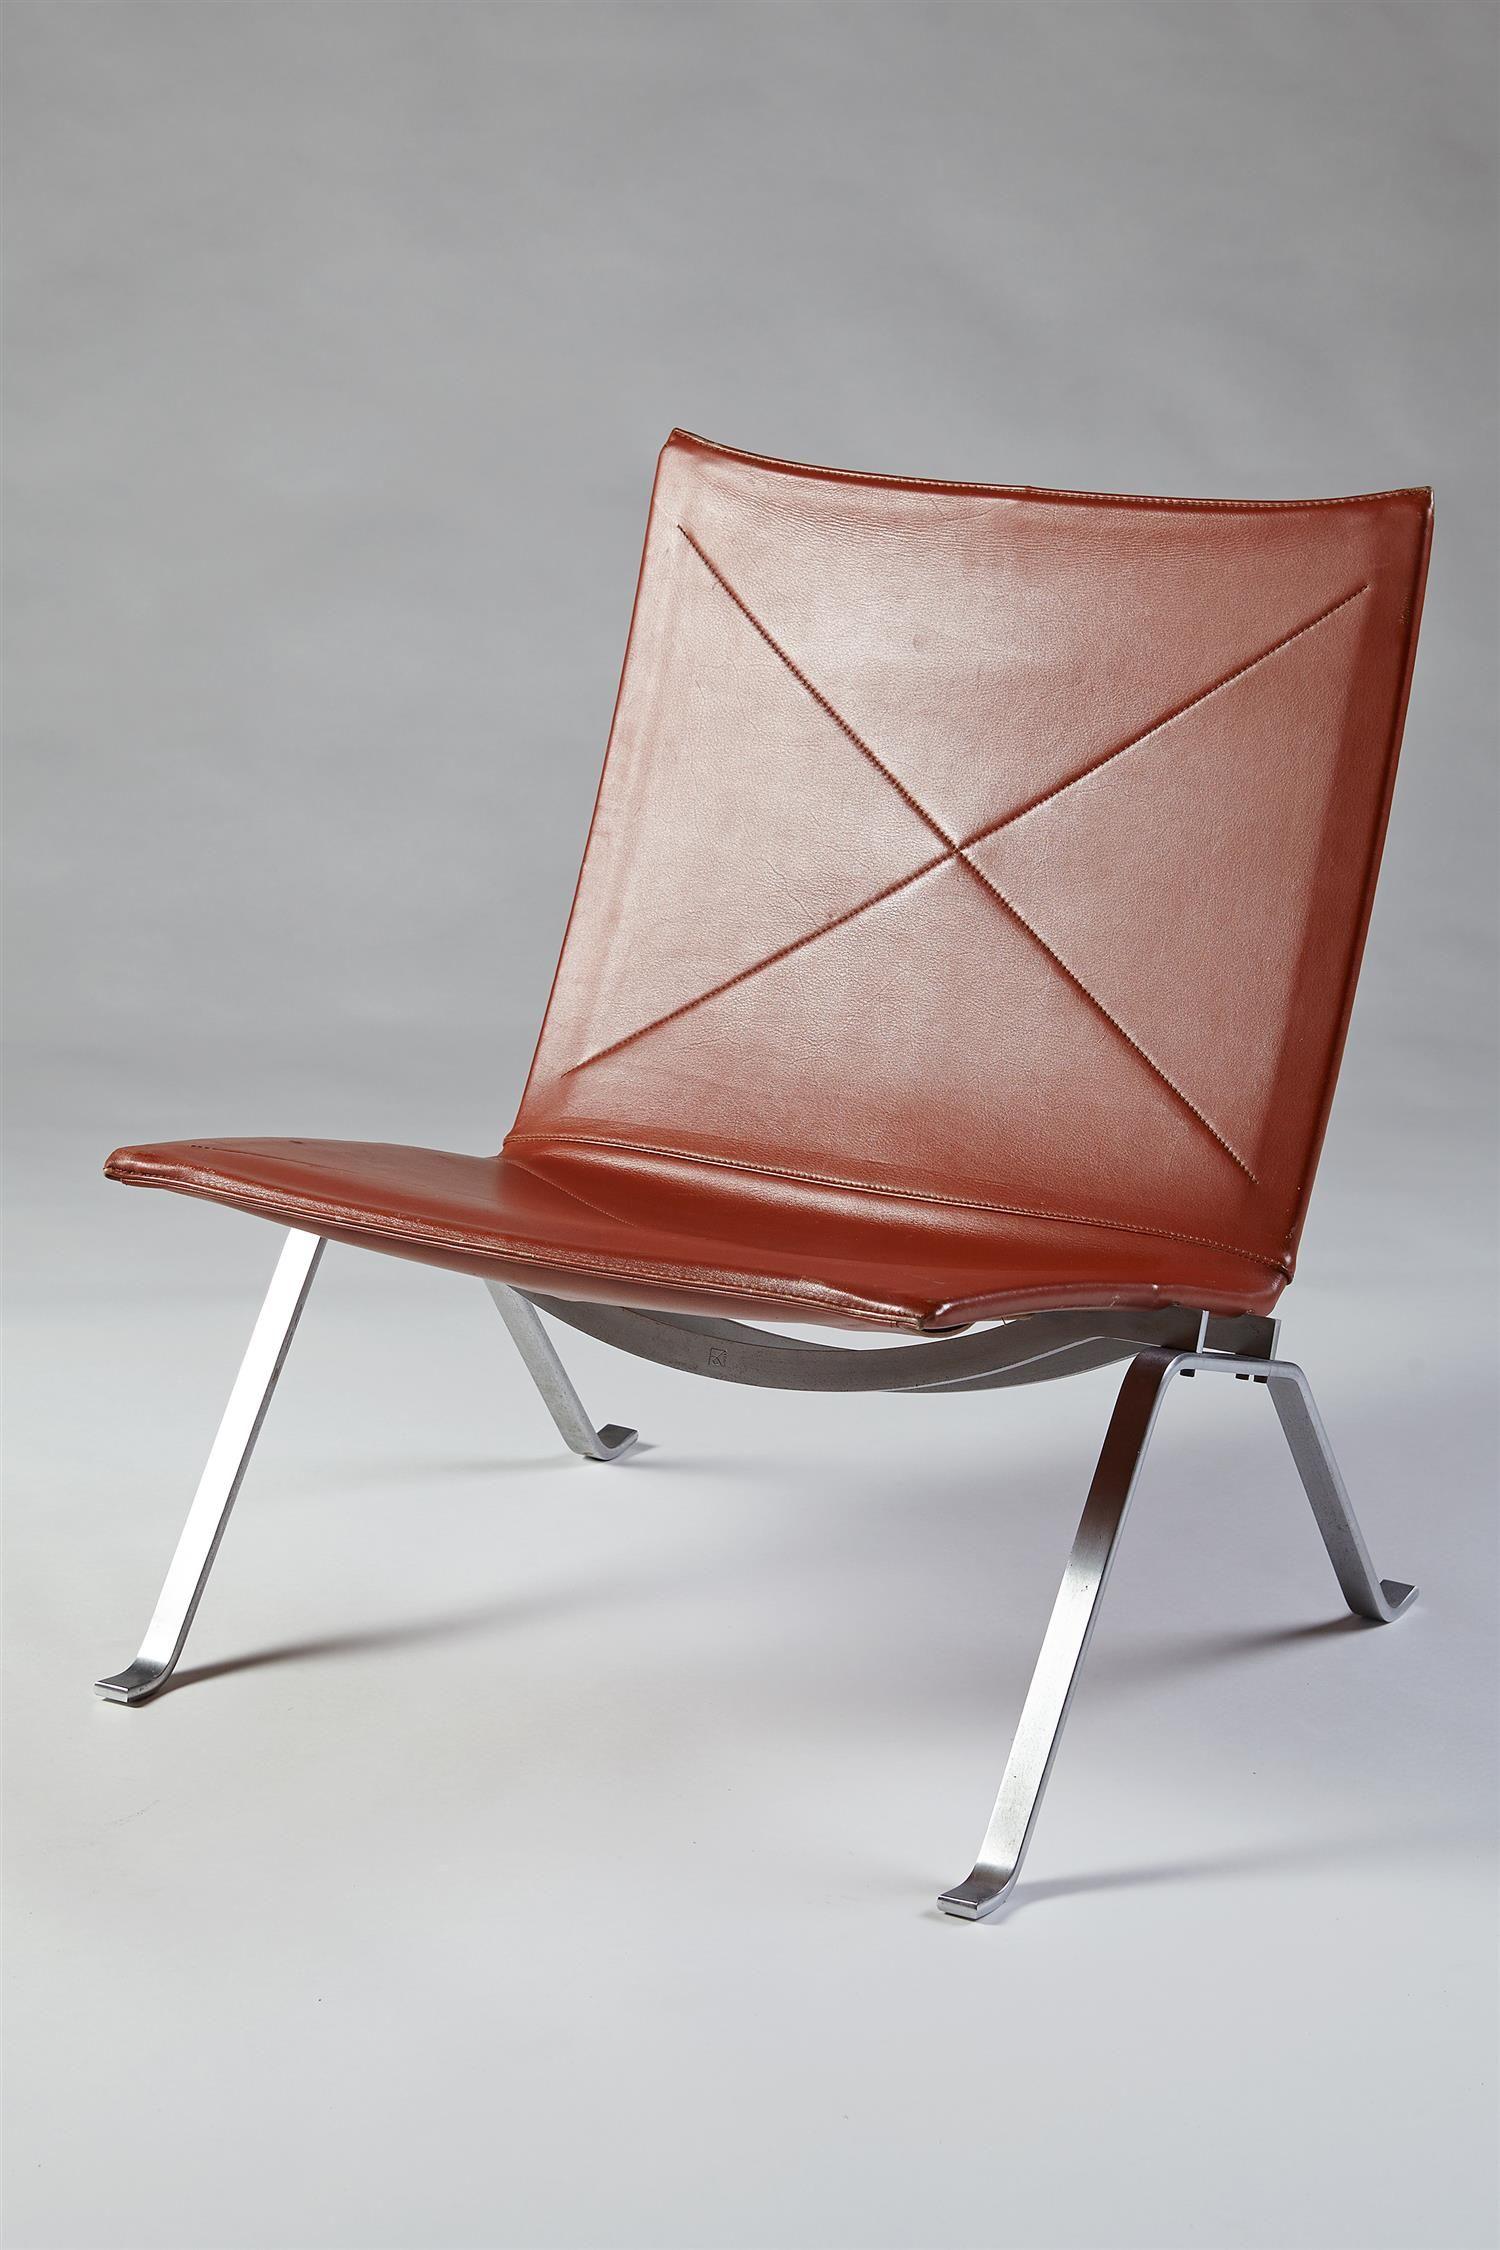 Easy chair, PK22. Designed by Poul Kjaerholm for E. Kold